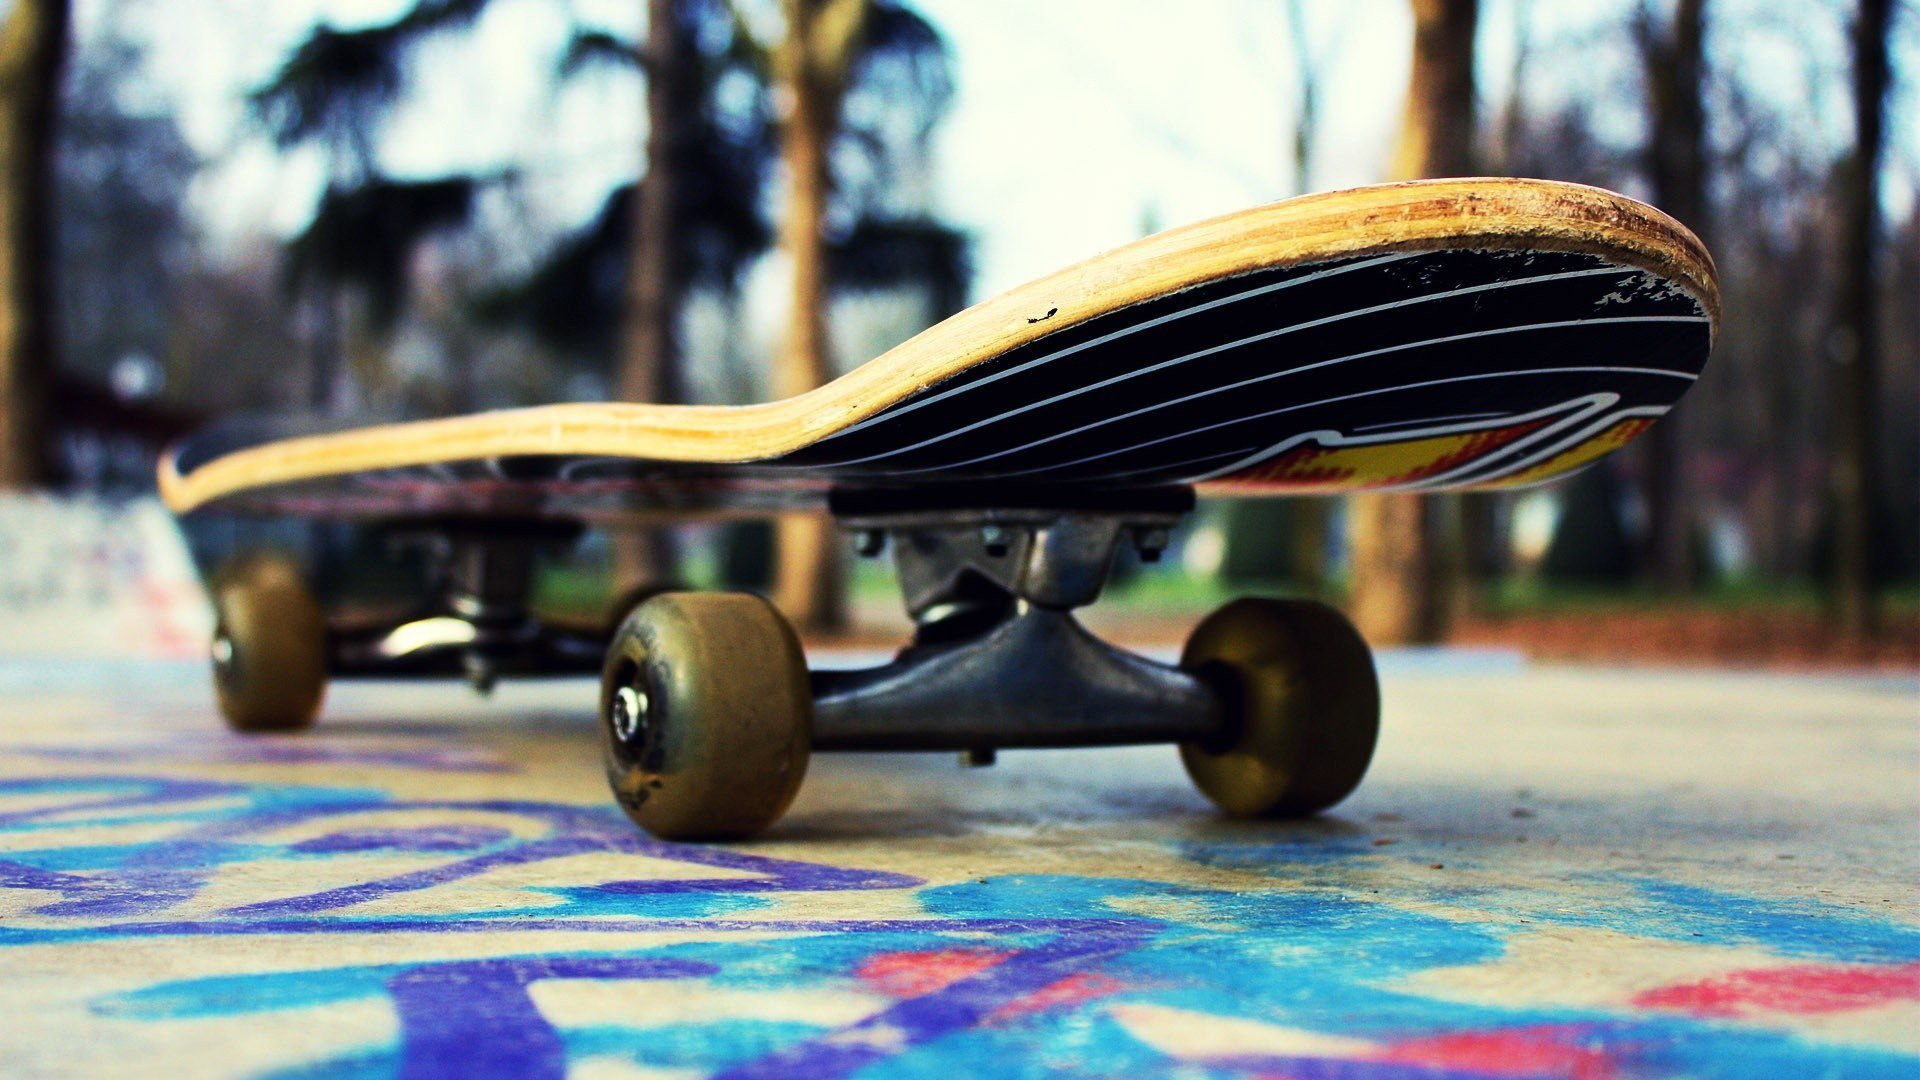 Скейтборд прикольные картинки